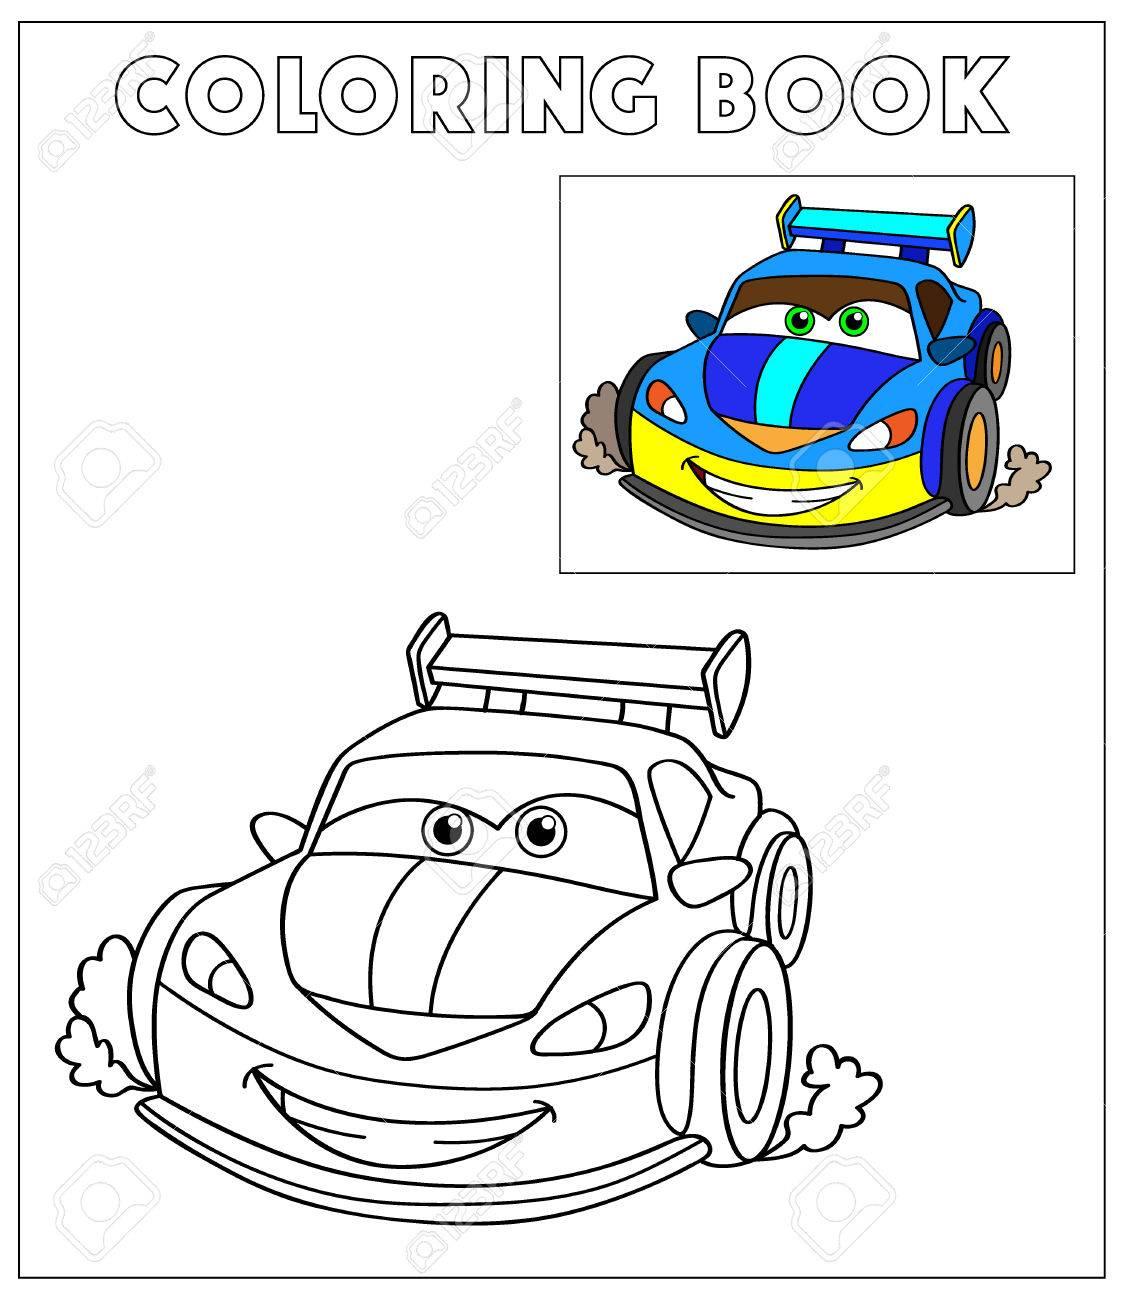 Libro Para Colorear, Ilustración Vectorial De Dibujos Animados De ...